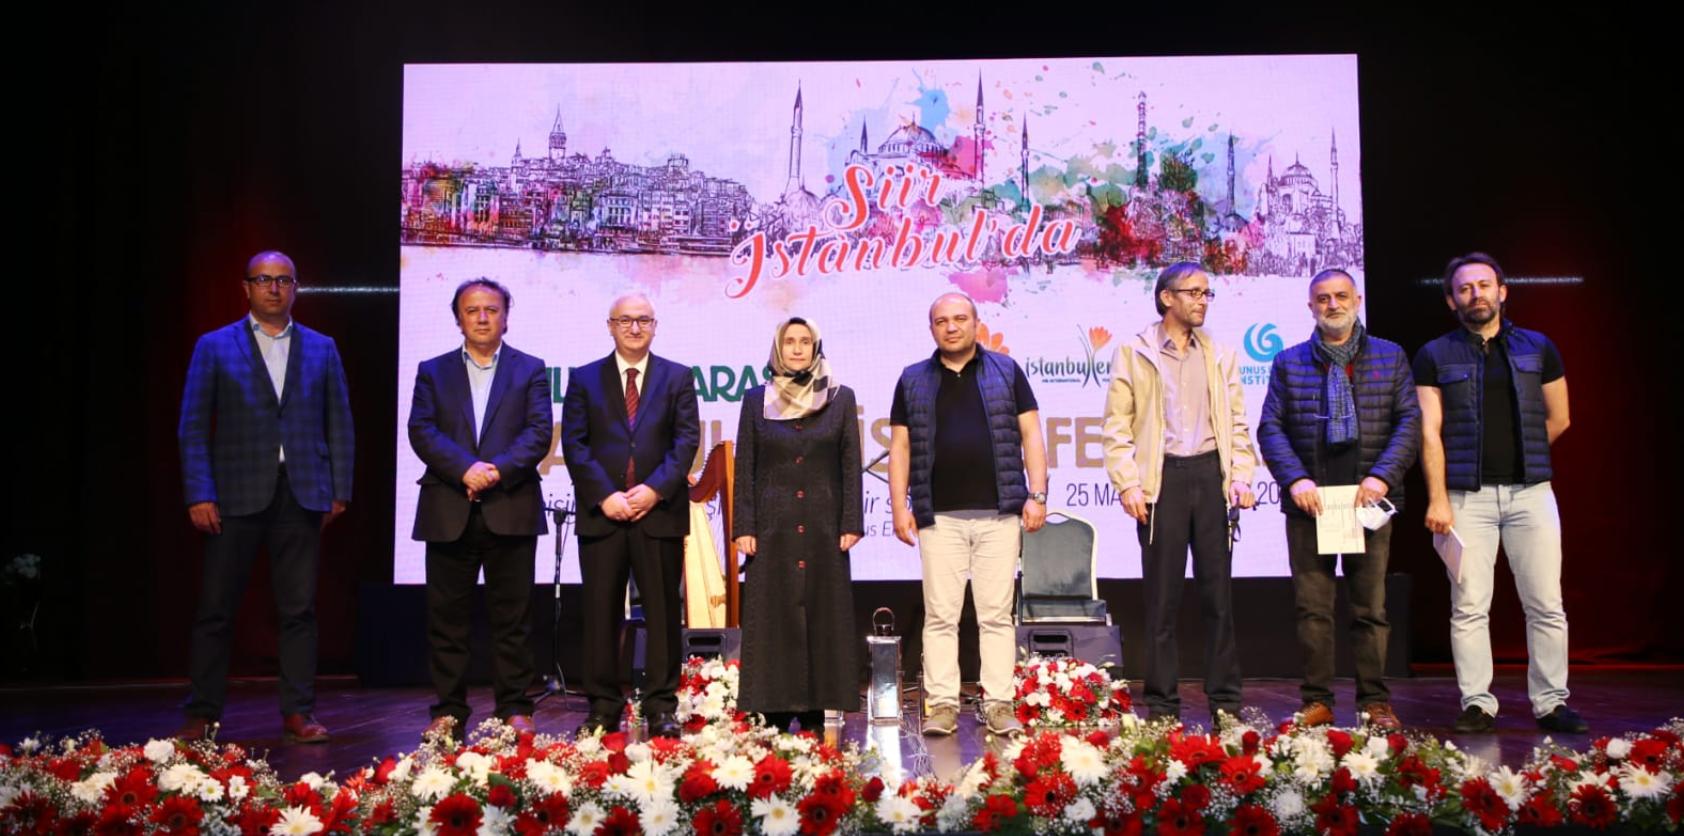 İstanbulensis Şiir Festivali Yine Dolu Dolu Geçti